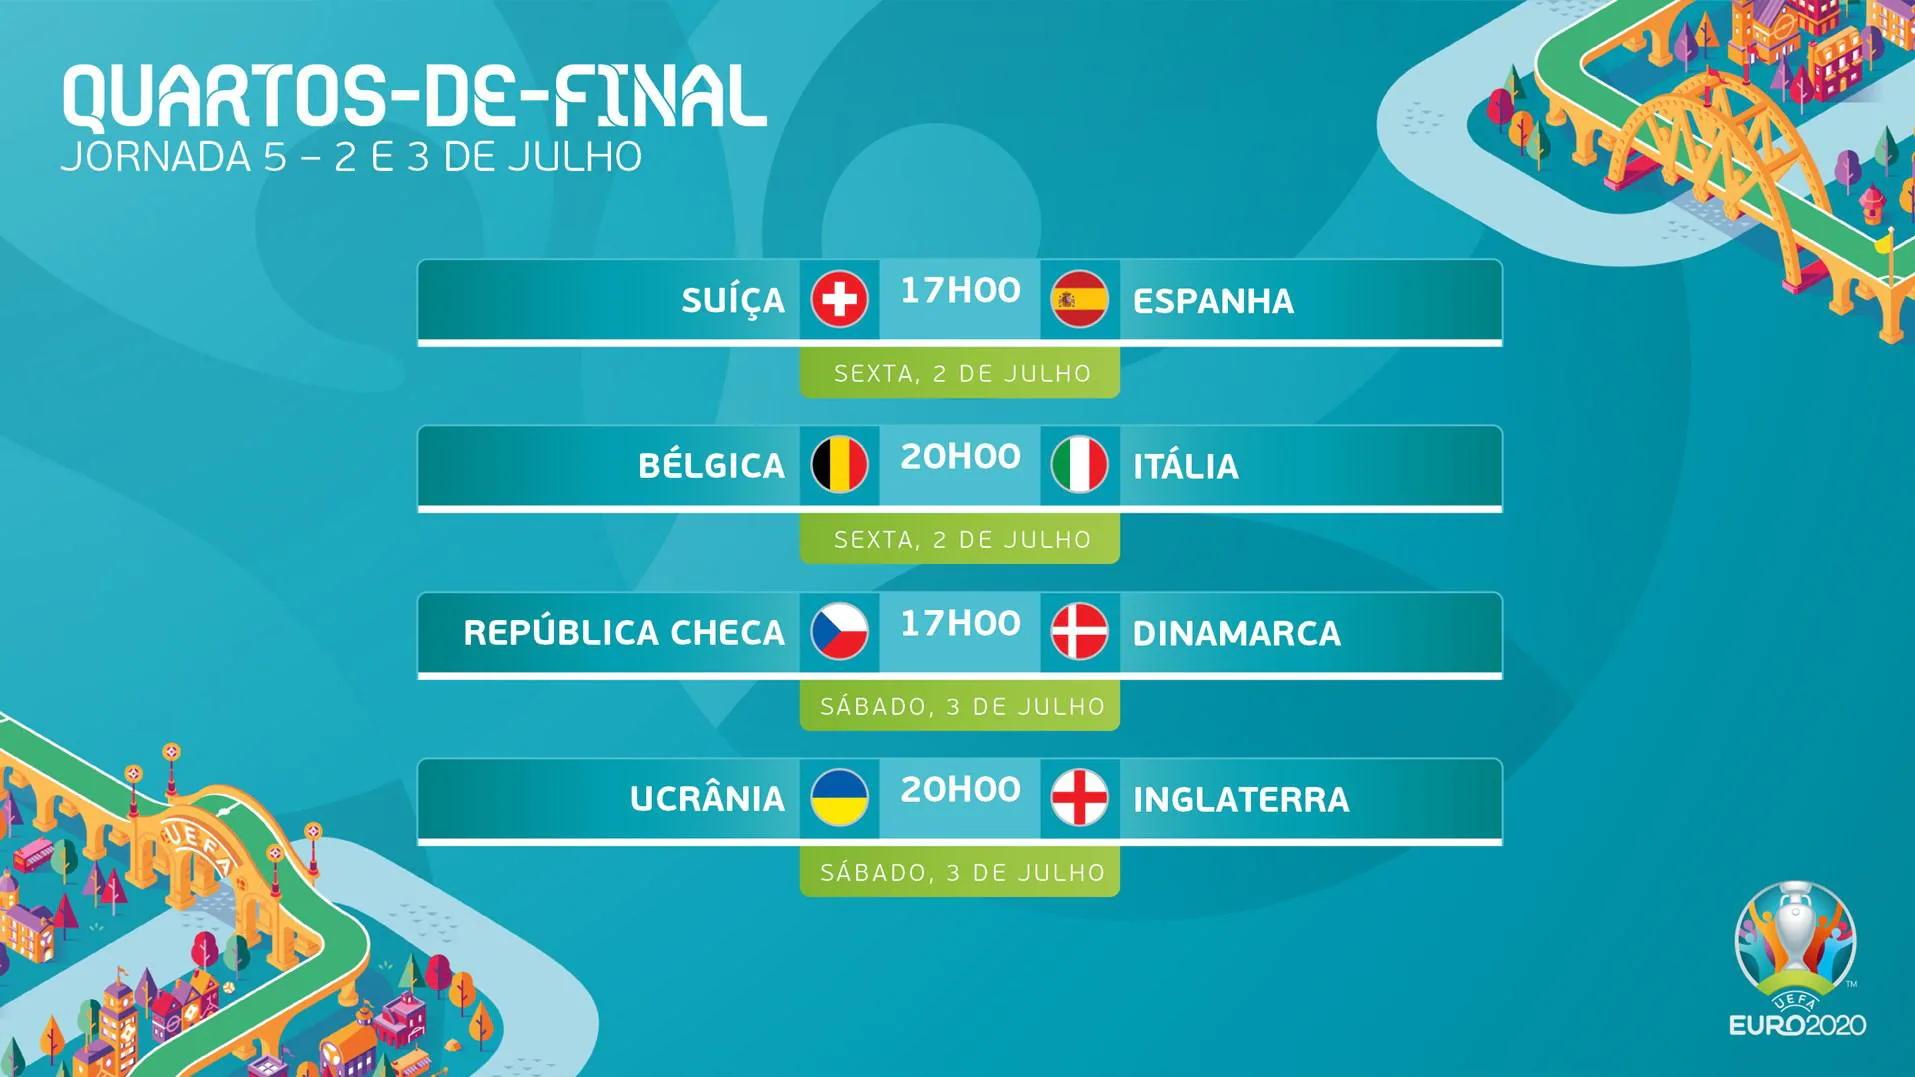 Euro2020: saiba quem joga contra quem nos quartos de final